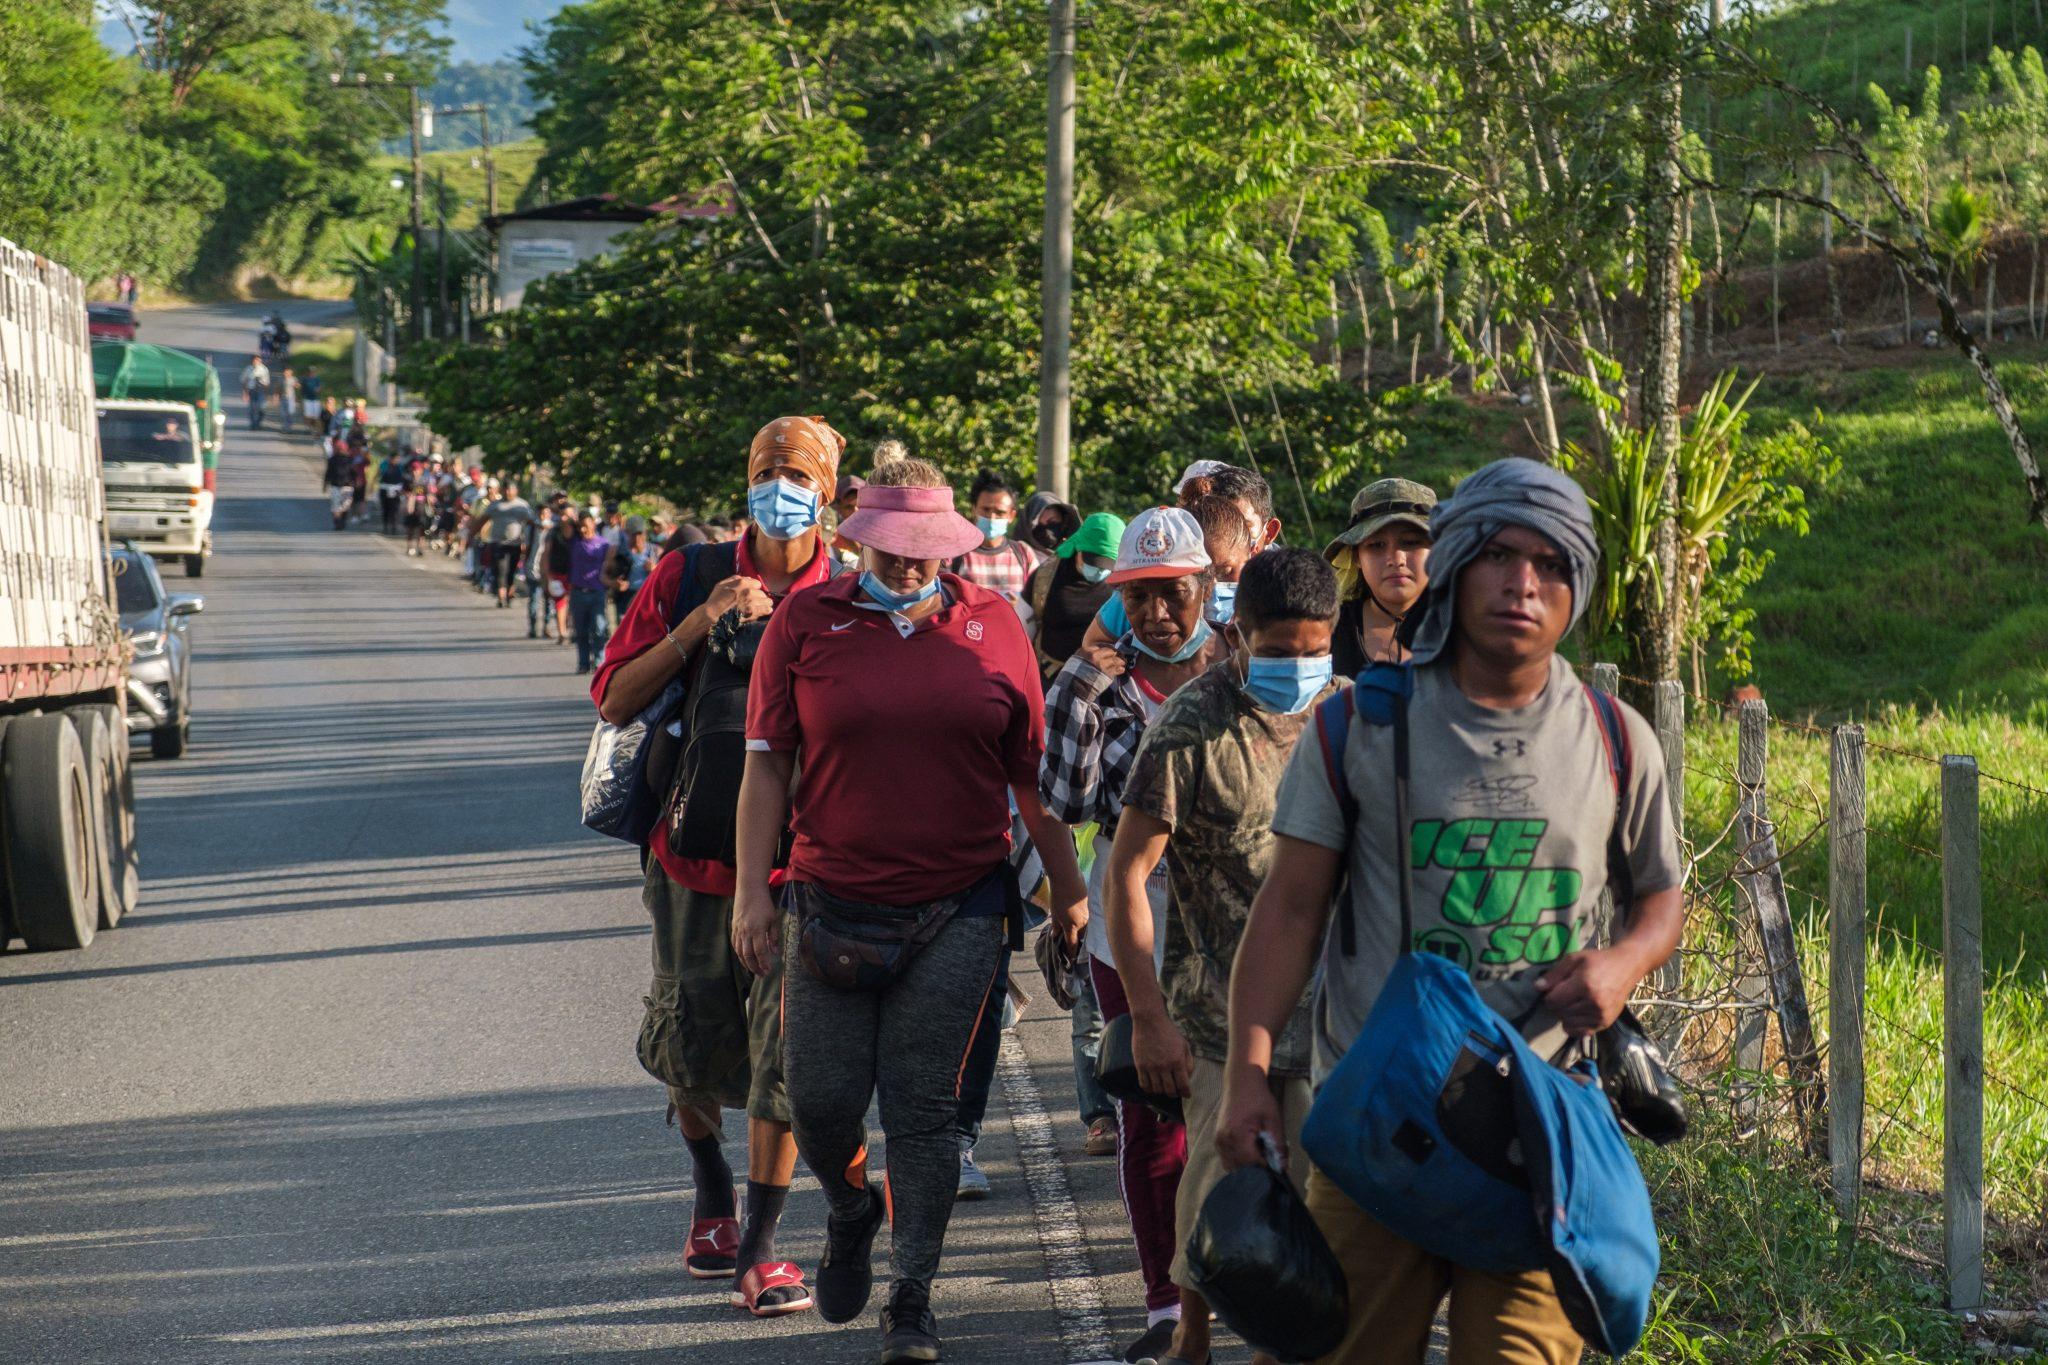 Unas 3000 personas salieron de Honduras el 1 de octubre. No hubo mayor intento por parte del Gobierno hondureño de frenarles el paso como en las caravanas anteriores. En cambio, el Gobierno de Guatemala que respondió con una estrategia de contención y persecución de los migrantes evitó que esta nueva caravana avanzara hacia territorio mexicano, algo que parece haber sido la extensión del muro de Trump. Livingston, Izabal, Guatemala. 3 de octubre de 2020. Foto: Deiby Yanes.